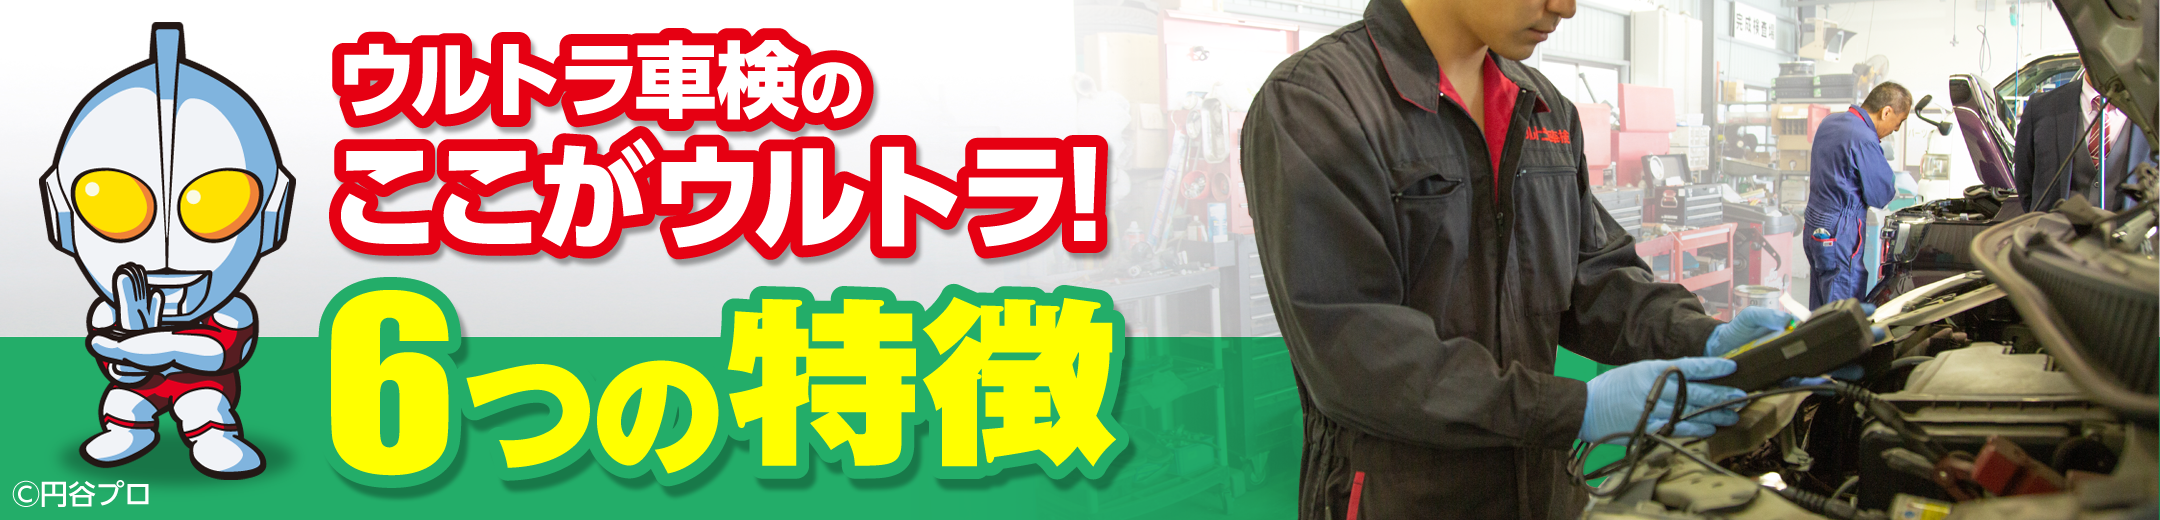 ウルトラ車検岸和田貝塚の特長